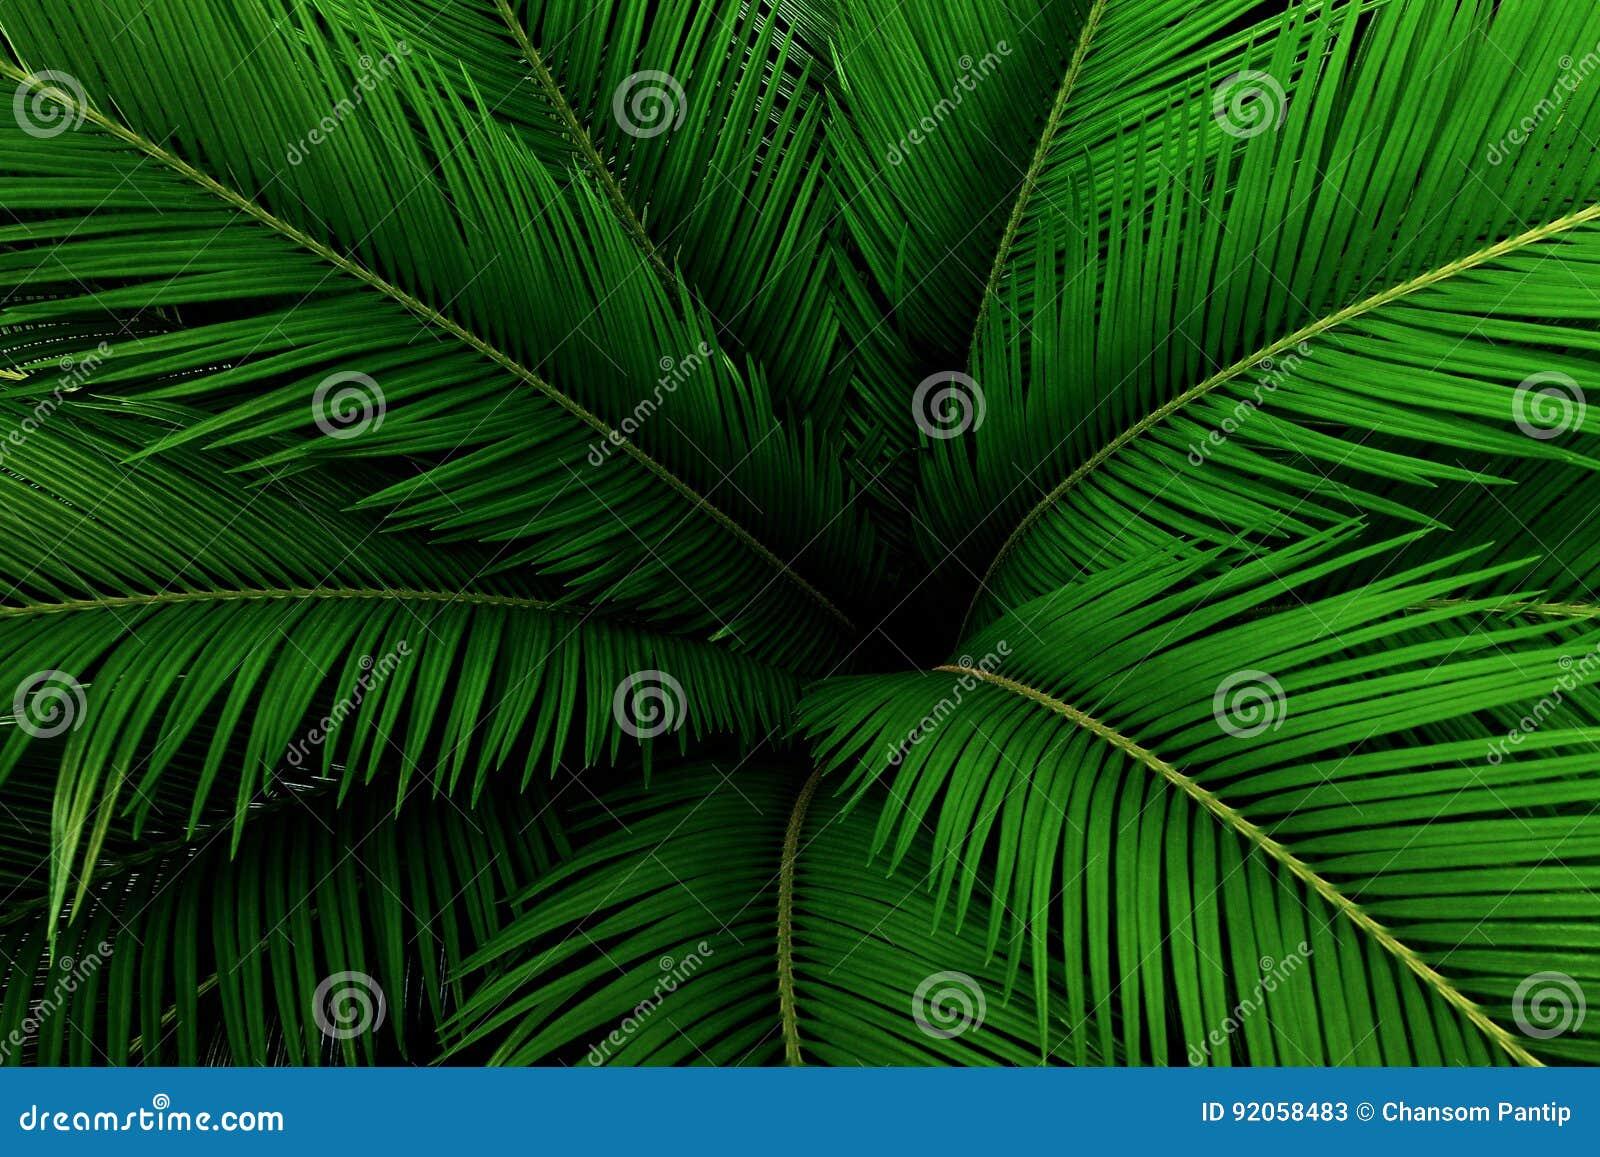 Palmblätter grünes Muster, abstrakter tropischer Hintergrund